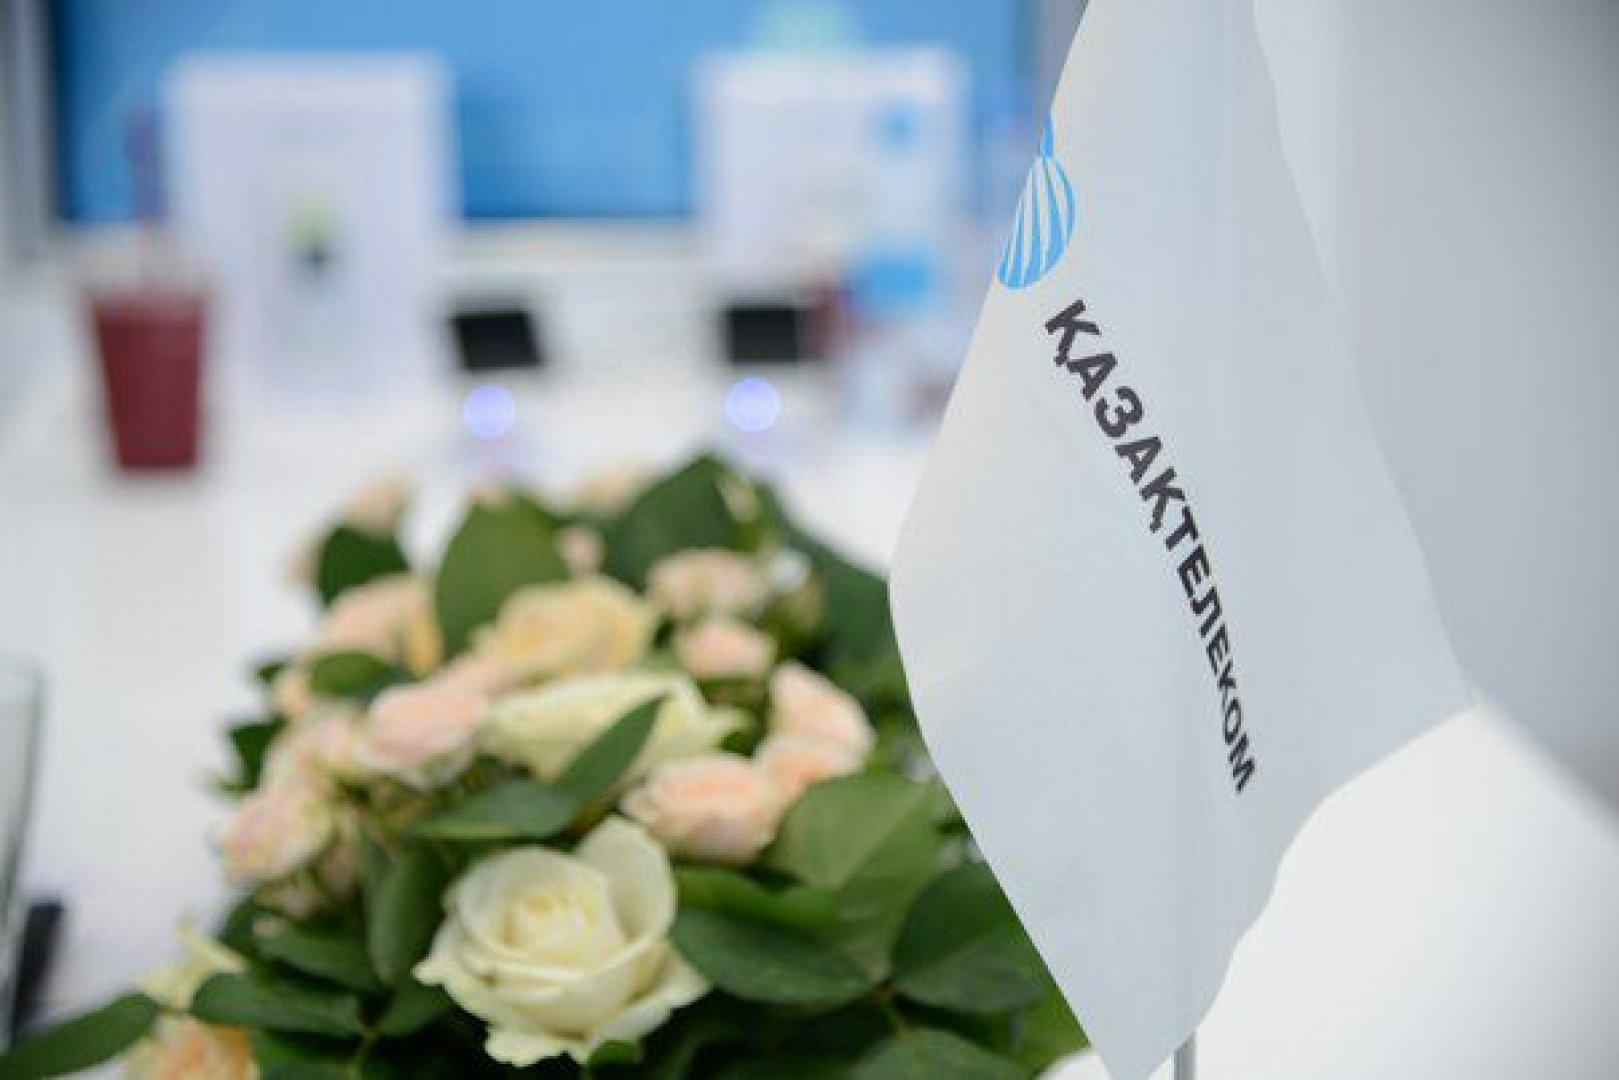 «Казахтелеком» выбирает андеррайтера для проведения SPO – глава компании